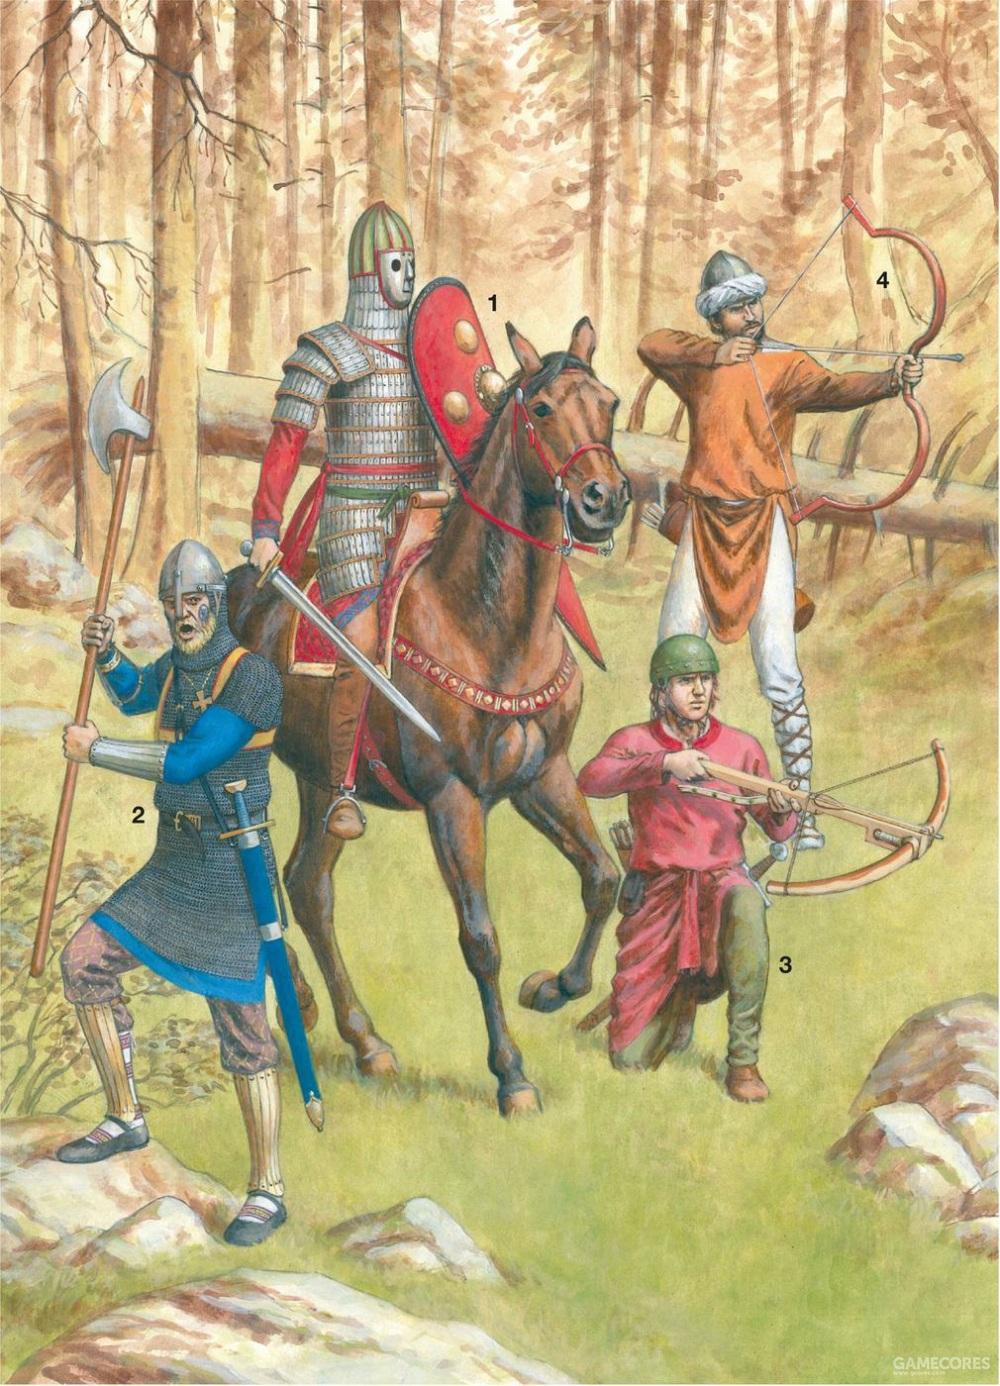 从左到右,瓦兰吉卫队,意大利的诺曼骑士,诺曼弩手,撒拉逊弓箭手